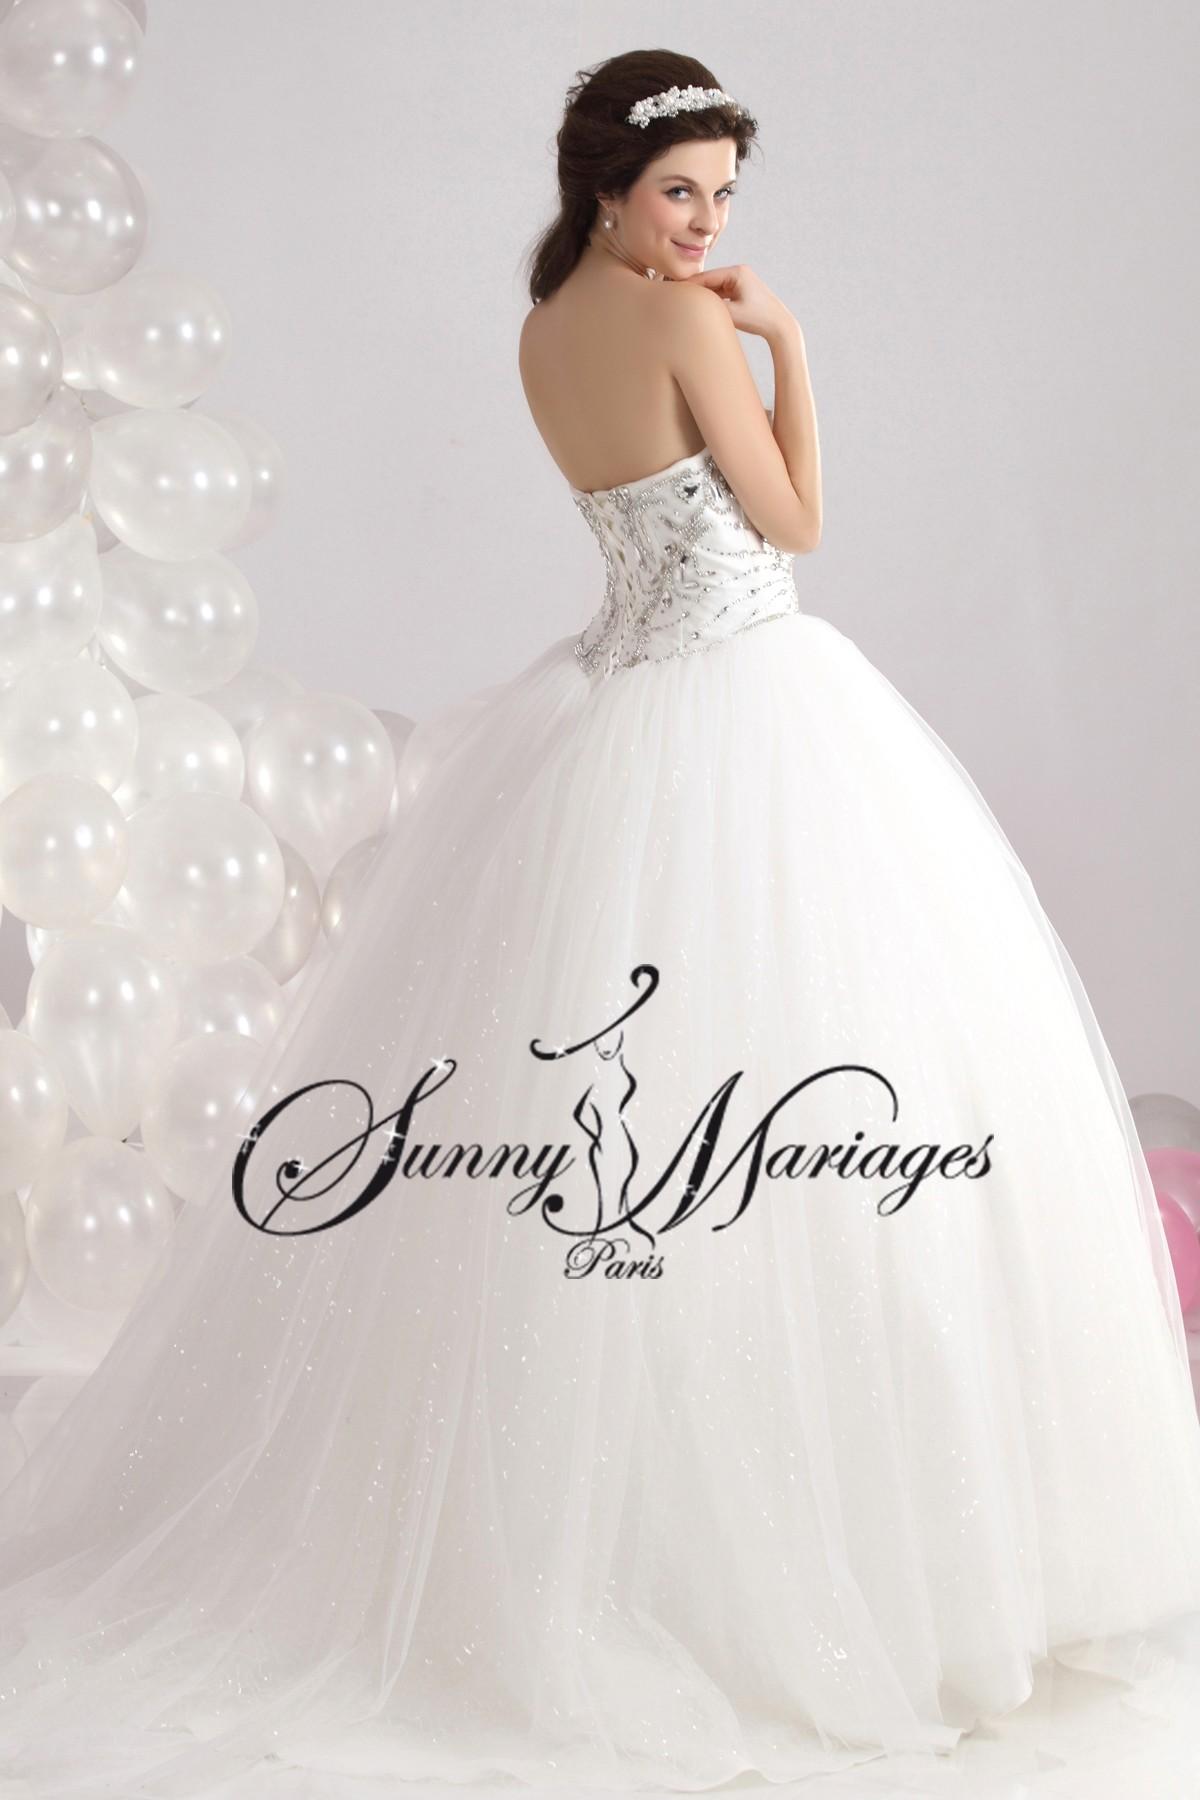 robe de mariages de princesse sur mesures 599€ SUNNY MARIAGES 2014 ...